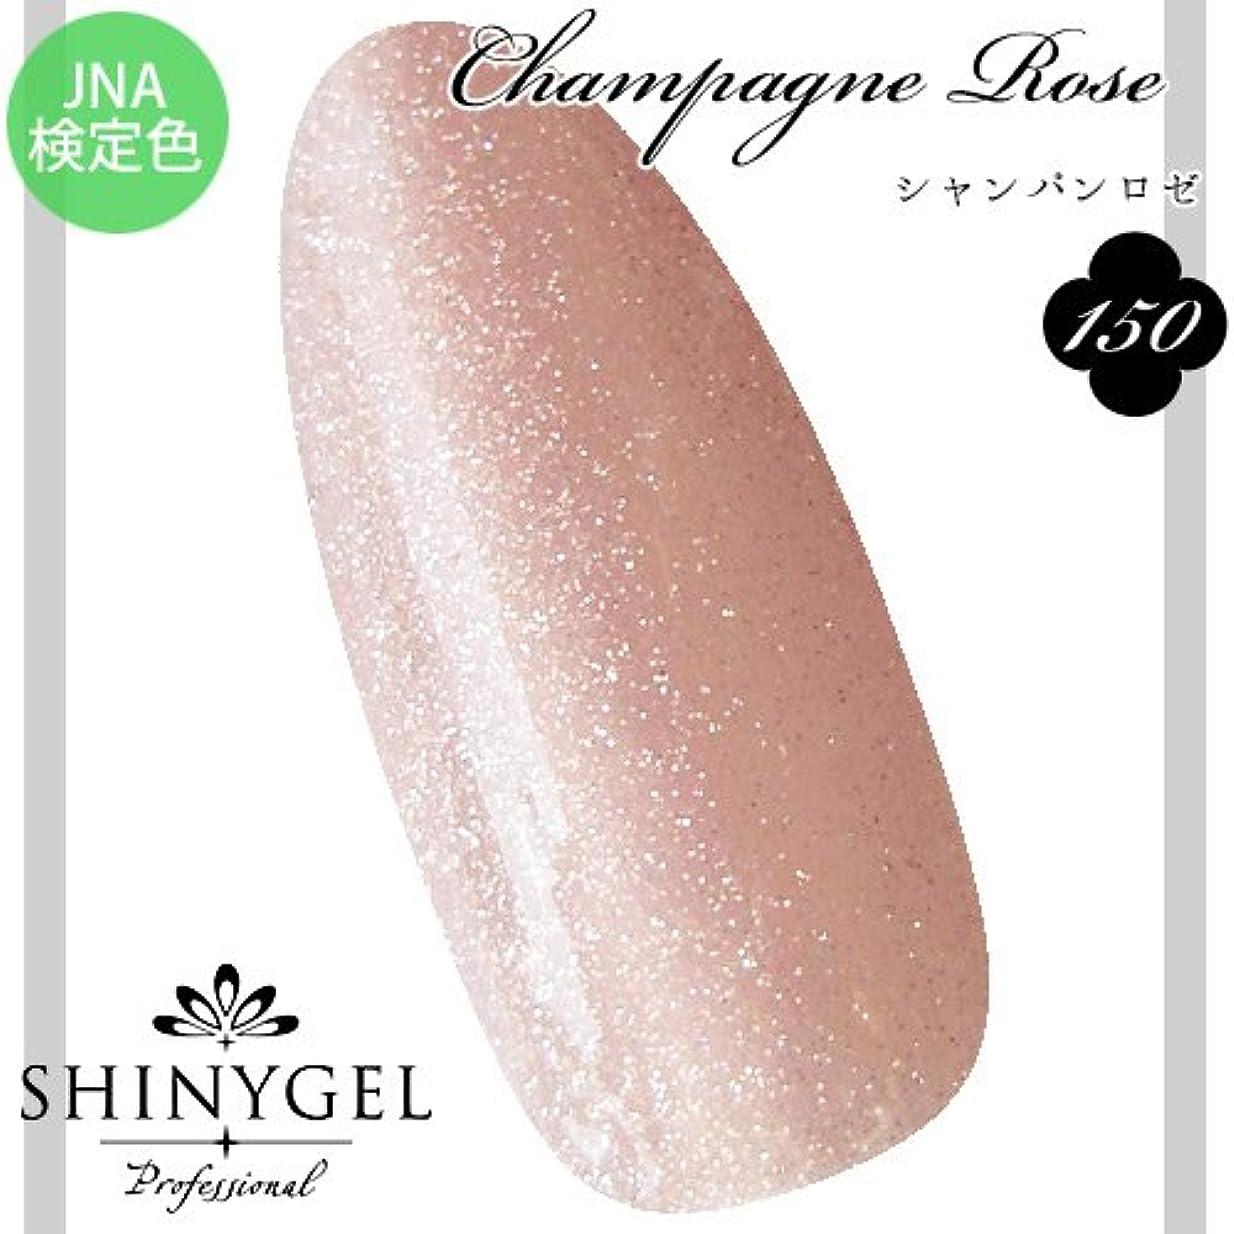 ペイン契約した純粋なSHINY GEL カラージェル 150 4g シャンパンロゼ シルバーラメをミックスしたラメローズ JNA検定色 UV/LED対応